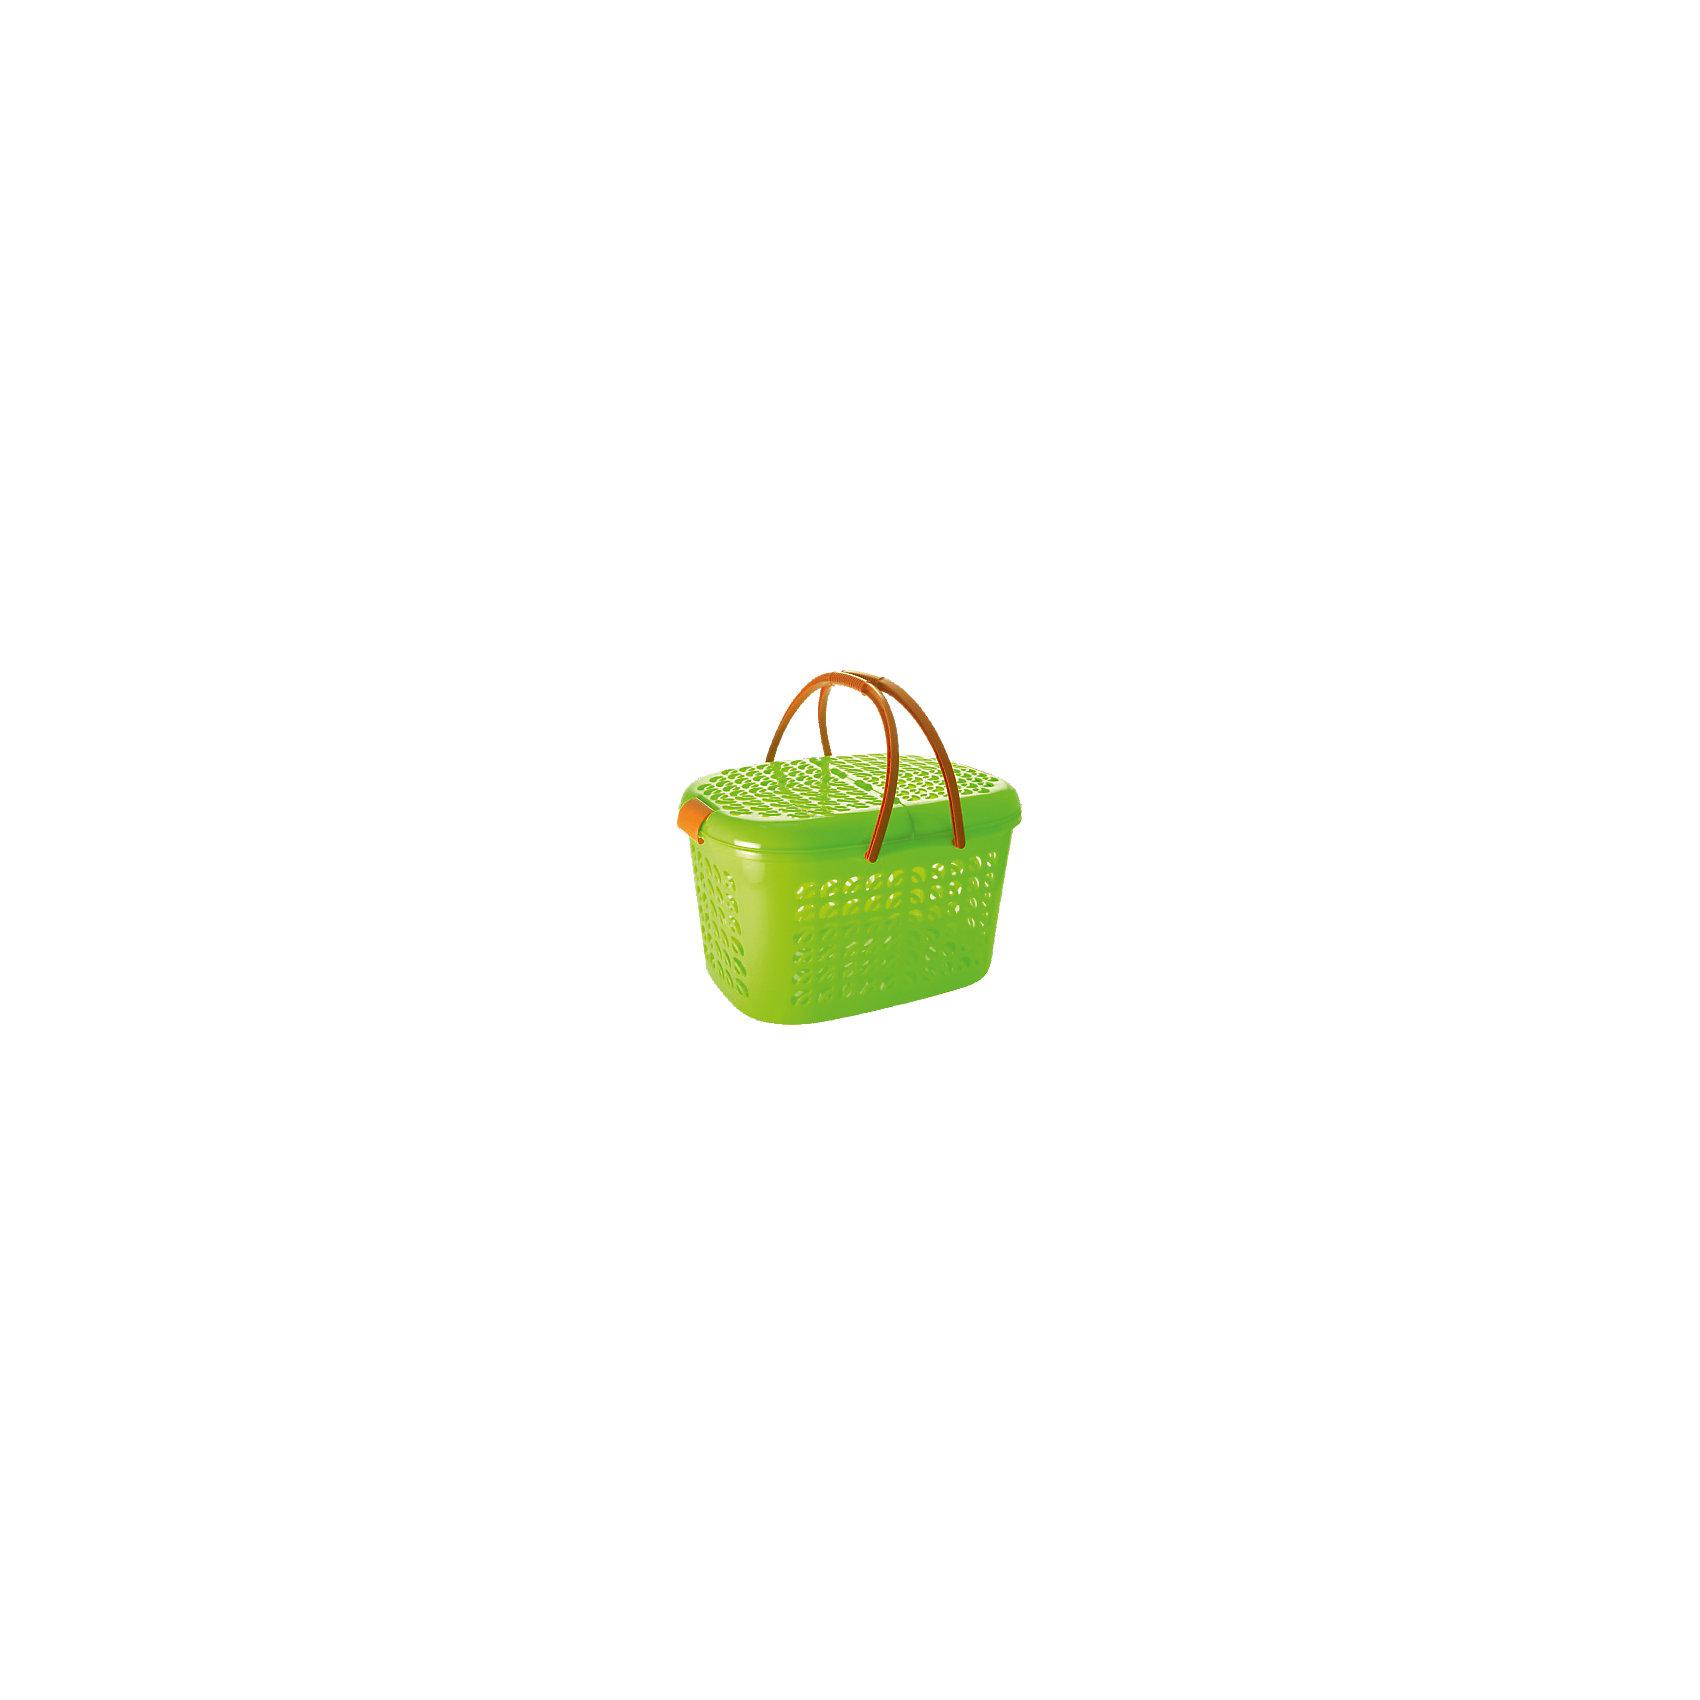 Корзина-переноска малая, Plastic CentreВ дорогу<br>Корзина-переноска малая, Plastic Centre<br><br>Характеристики:<br><br>• Материал: пластик<br>• Цвет: зеленый<br>• В комплекте: 1 штука<br>• Размер: 42х29х23 см<br><br>Эта очаровательная корзина-переноска многофункциональна и может помочь вам в самых разных ситуациях. Ее можно использовать для хранения продуктов,  детских игрушек или же для переноски животных. Крышка и стенки изделия имеют фигурные отверстия, а дно - сплошное. Крышки открываются с двух сторон.<br><br>Корзина-переноска малая, Plastic Centre можно купить в нашем интернет-магазине.<br><br>Ширина мм: 425<br>Глубина мм: 295<br>Высота мм: 236<br>Вес г: 682<br>Возраст от месяцев: 216<br>Возраст до месяцев: 1188<br>Пол: Унисекс<br>Возраст: Детский<br>SKU: 5545704